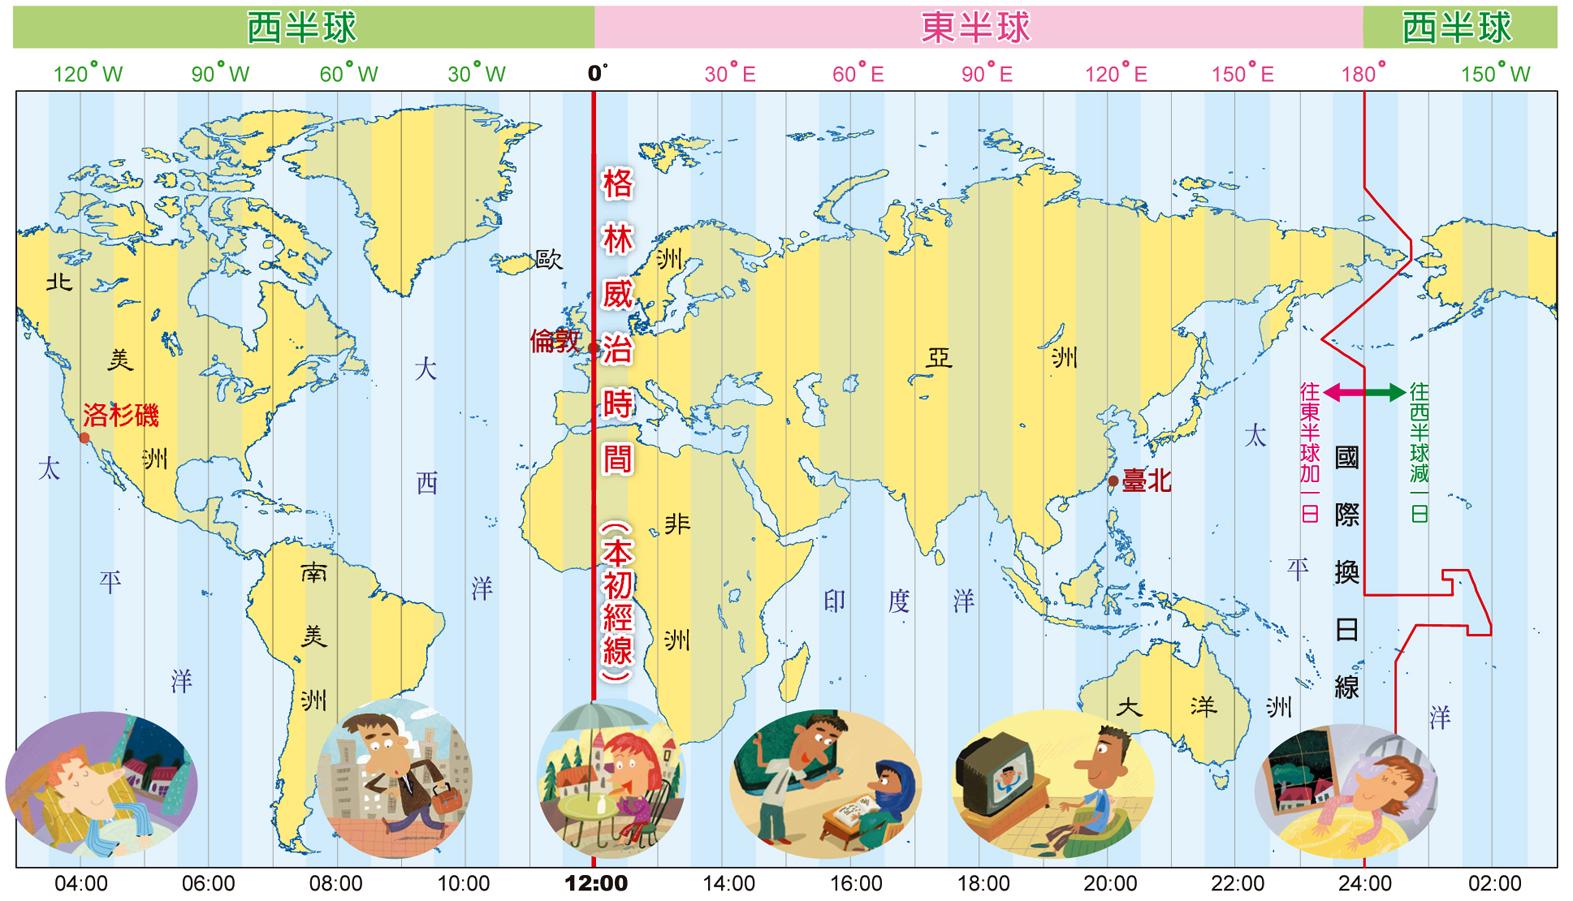 地理教室,以 東稱為東半球,無國界: 國一第一冊L1地理位置與範圍上課講義